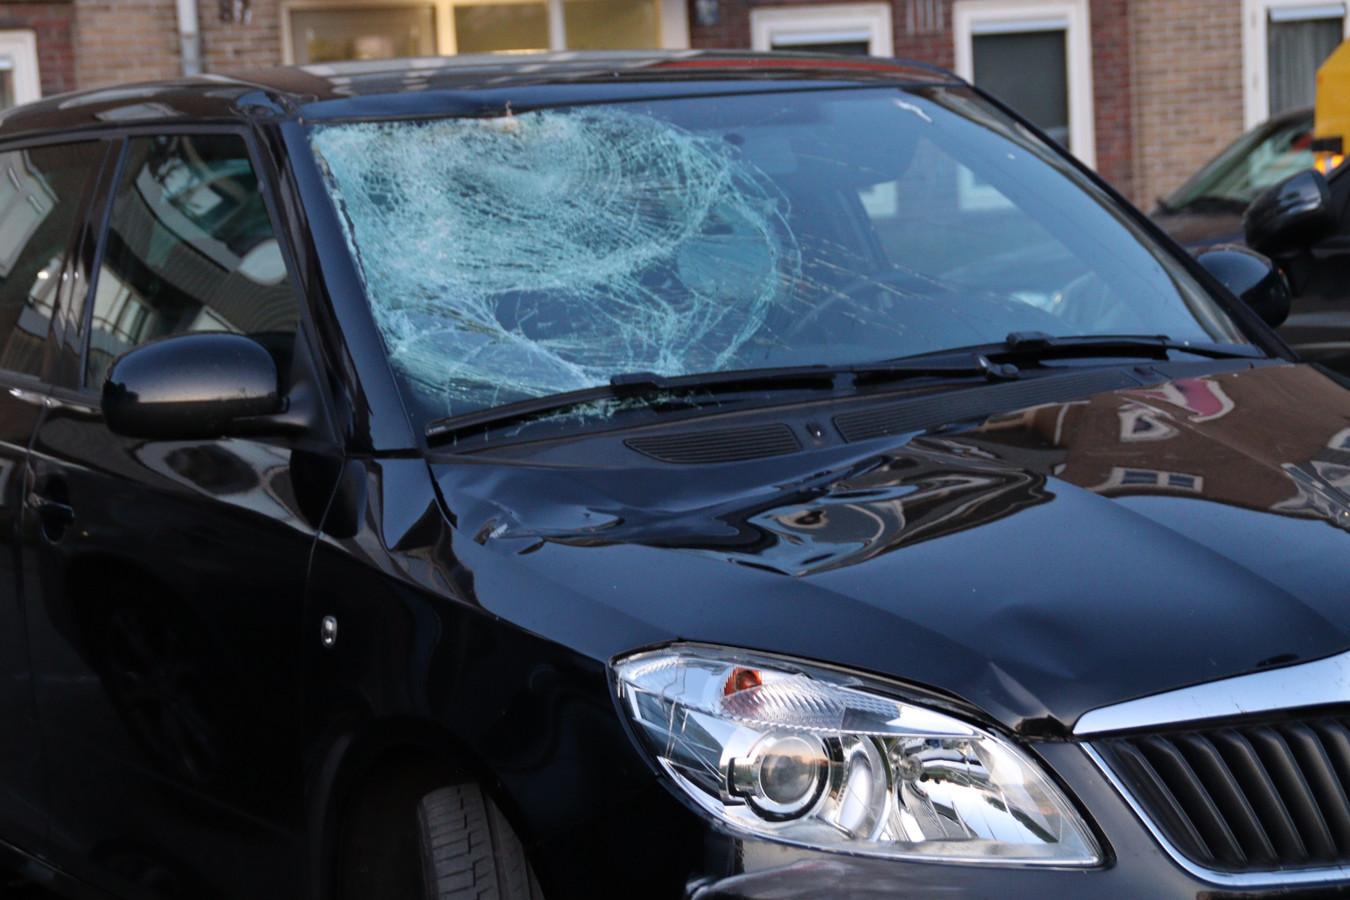 De zwarte Skoda die vermoedelijk betrokken was bij het ongeval aan de Spinozaweg in Utrecht werd gevonden aan de Johan Wagenaarkade in Oog in Al. De voorruit van de auto is gebarsten.